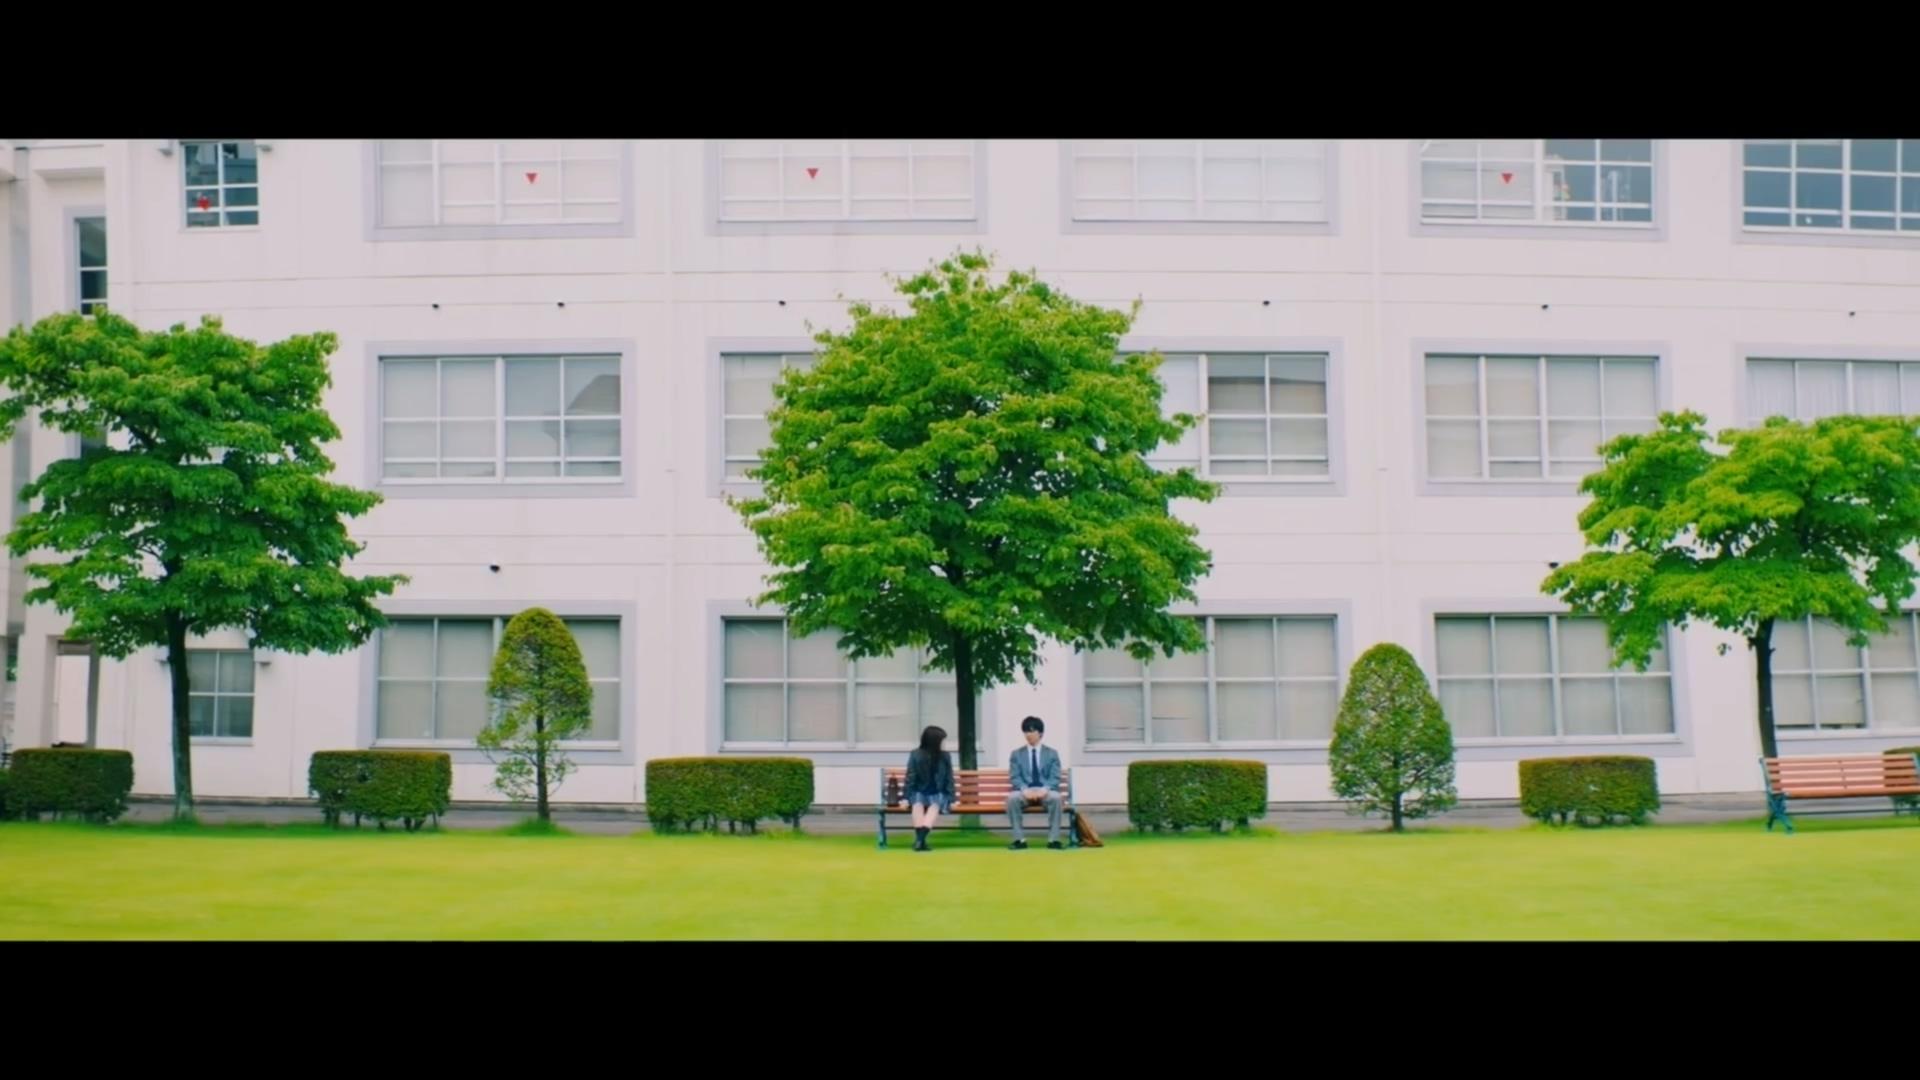 佐藤大树 桥本环奈主演《小说之神》真人电影预告公开! 佐藤大树 ACG资讯